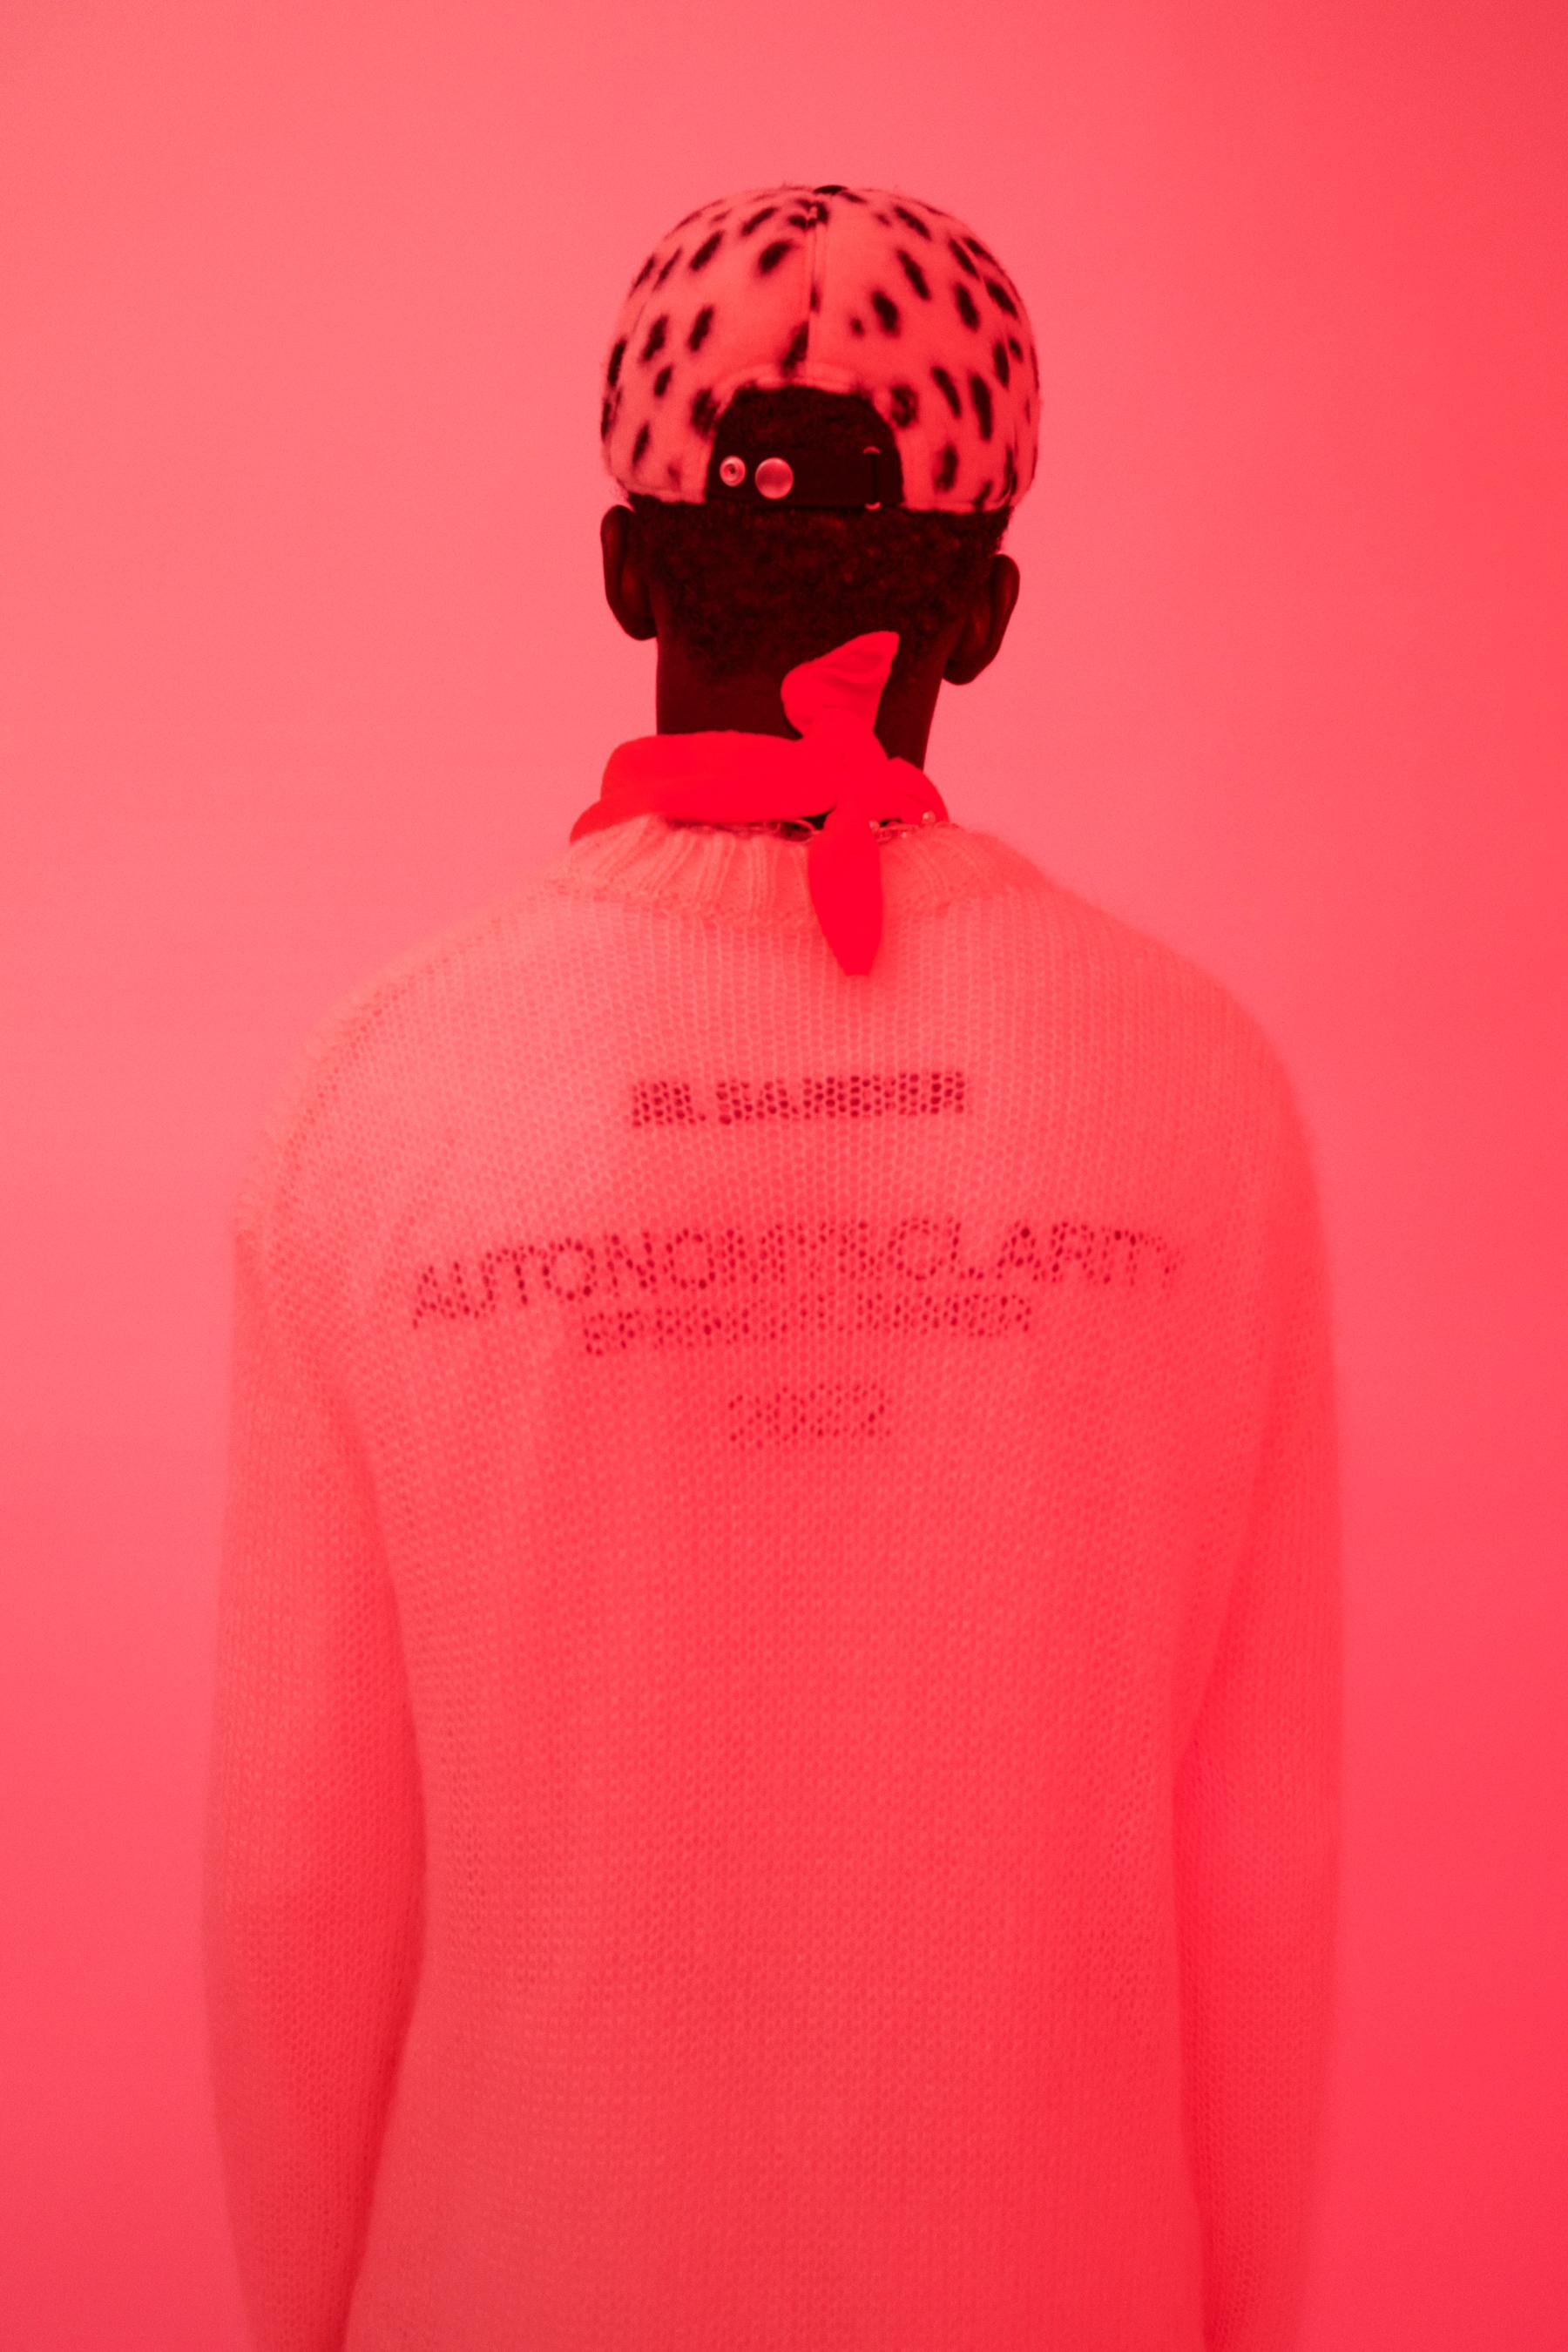 Jil Sander Spring 2022 Men's Details Fashion Show